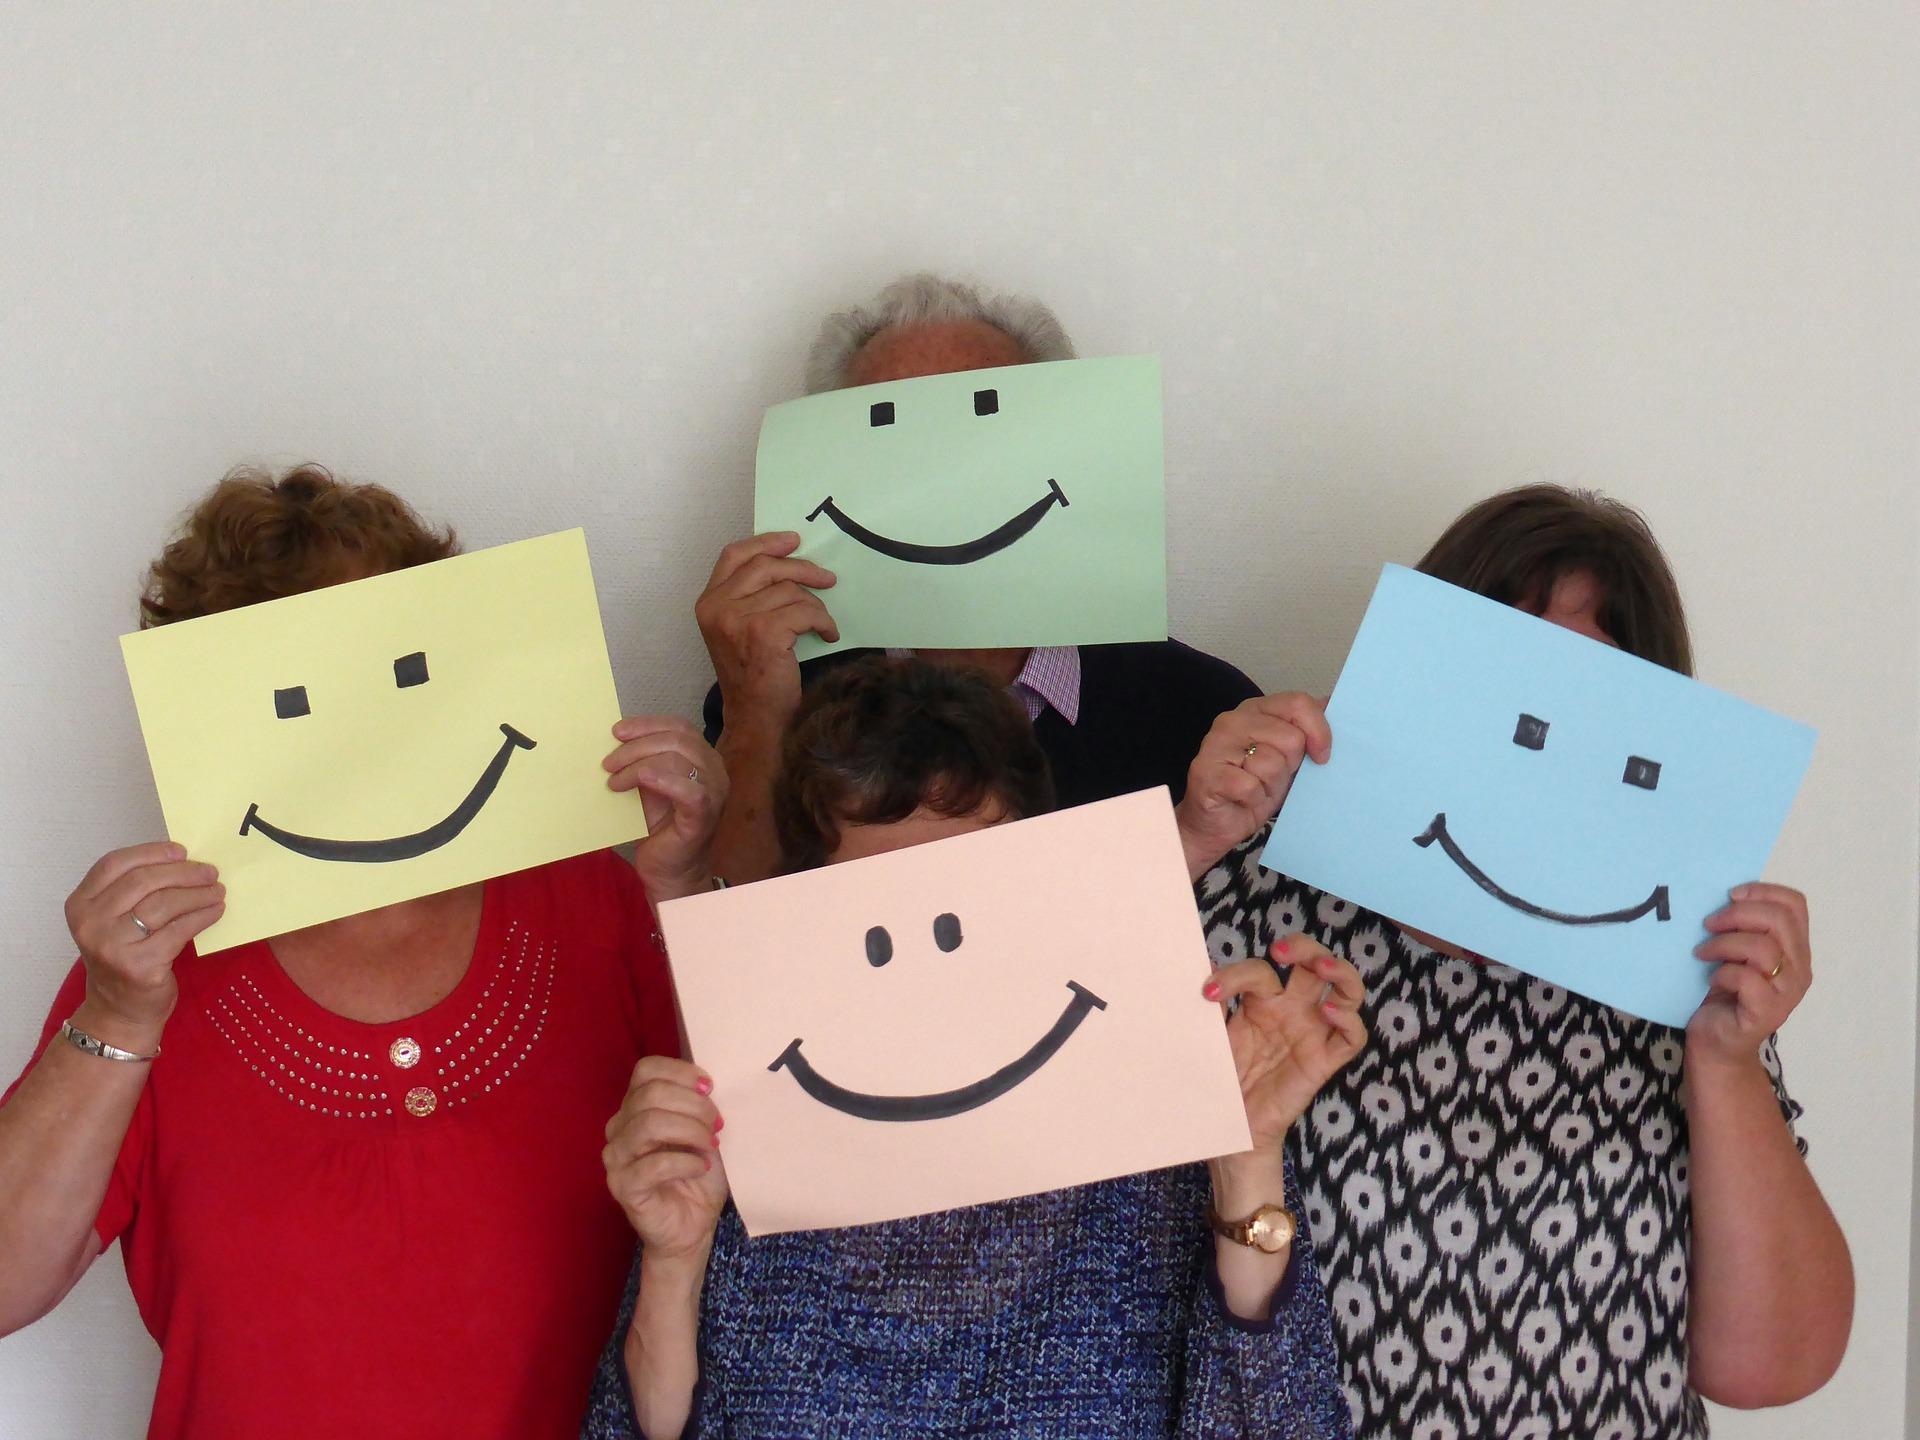 optimism 649723 1920 - Cómo mantener el pensamiento de forma positiva